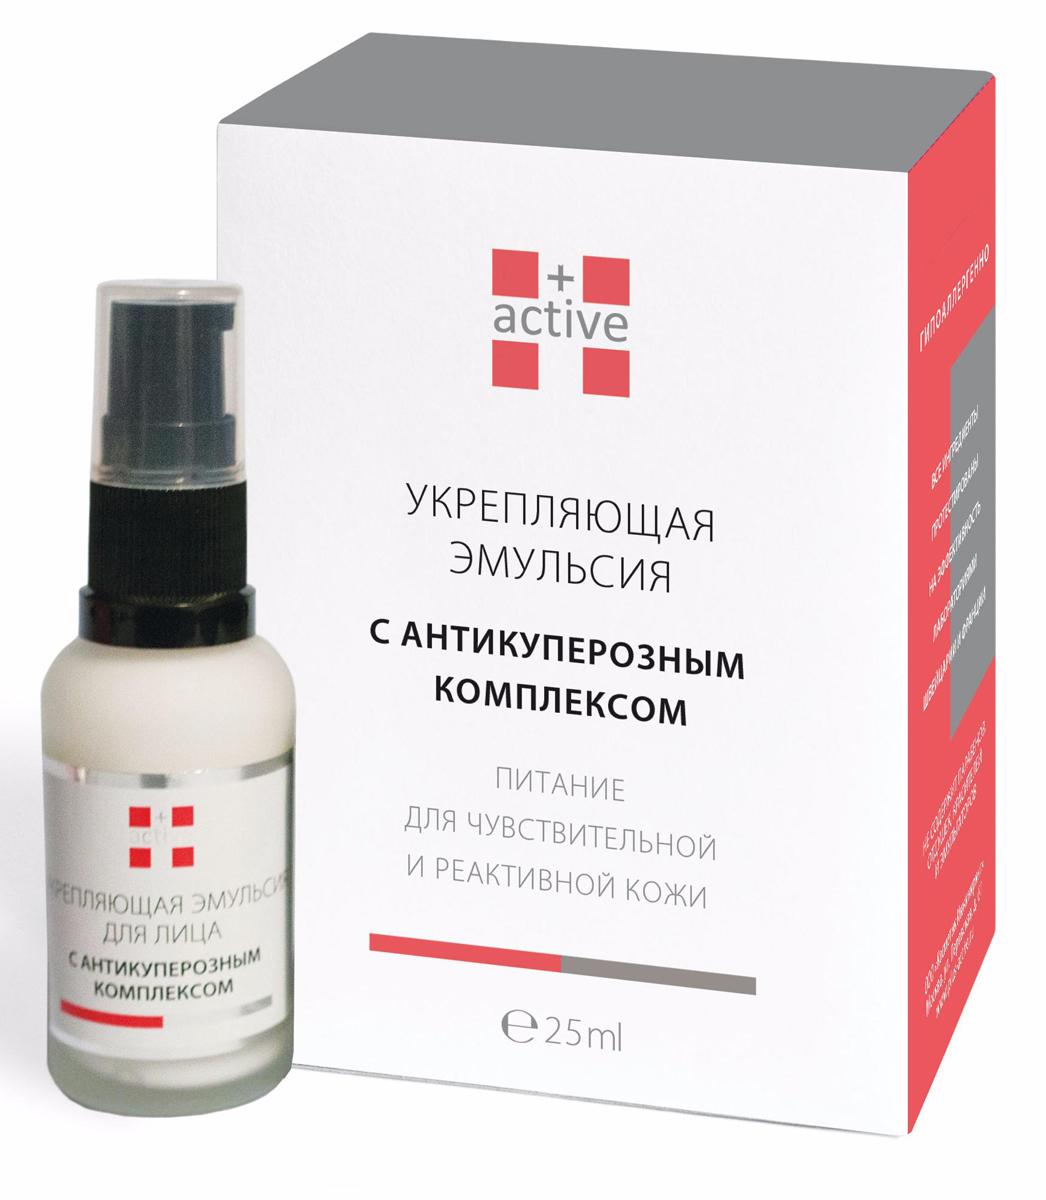 +Active Укрепляющая эмульсия с антикуперозным комплексом 25 мл40151Укрепляющая эмульсия с антикуперозным комплексом от +ACTIVE обеспечивает питание для чувствительной и реактивной кожи склонной к сосудистым проявлениям. Предназначена для ежедневного питания, увлажнения, защиты и укрепления кожи склонной к сосудистым проявлениям и периодическому покраснению в результате негативного воздействия окружающей среды. Благодаря натуральным инновационным ингредиентам обладает приятной текстурой с питательным, увлажняющим и успокаивающим действием. Средство идеально сочетается с фирменными концентратами и флюидами.